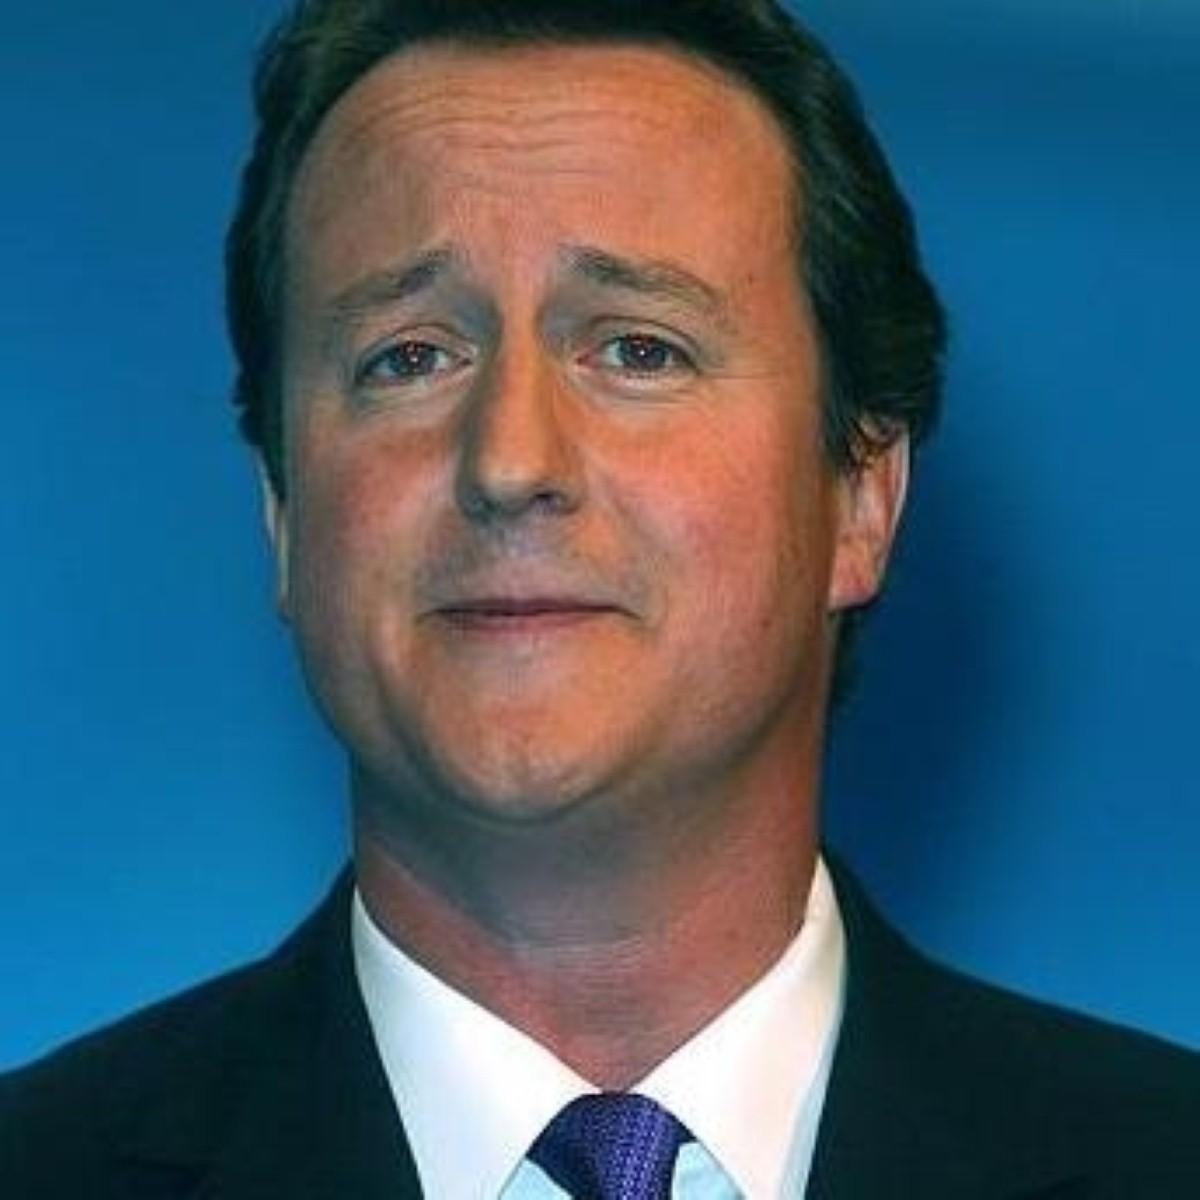 David Cameron: Among the top gaffers of 2013